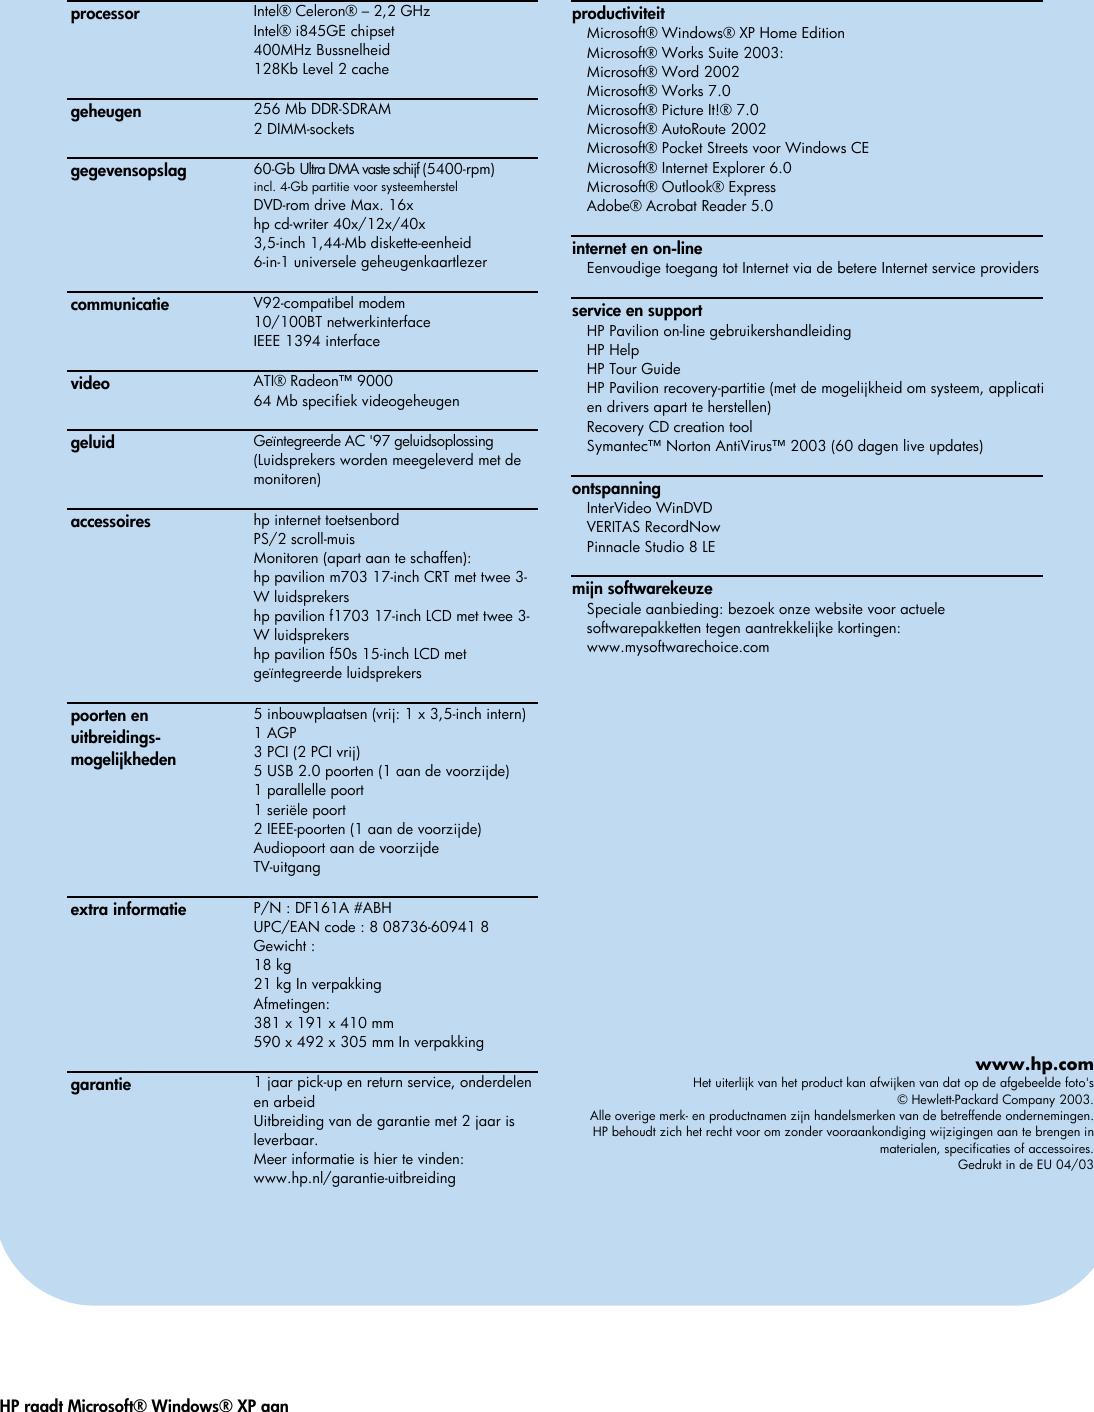 Page 2 of 2 - HP - 518320372 Pavilion Desktop PC (Dutch) T150.